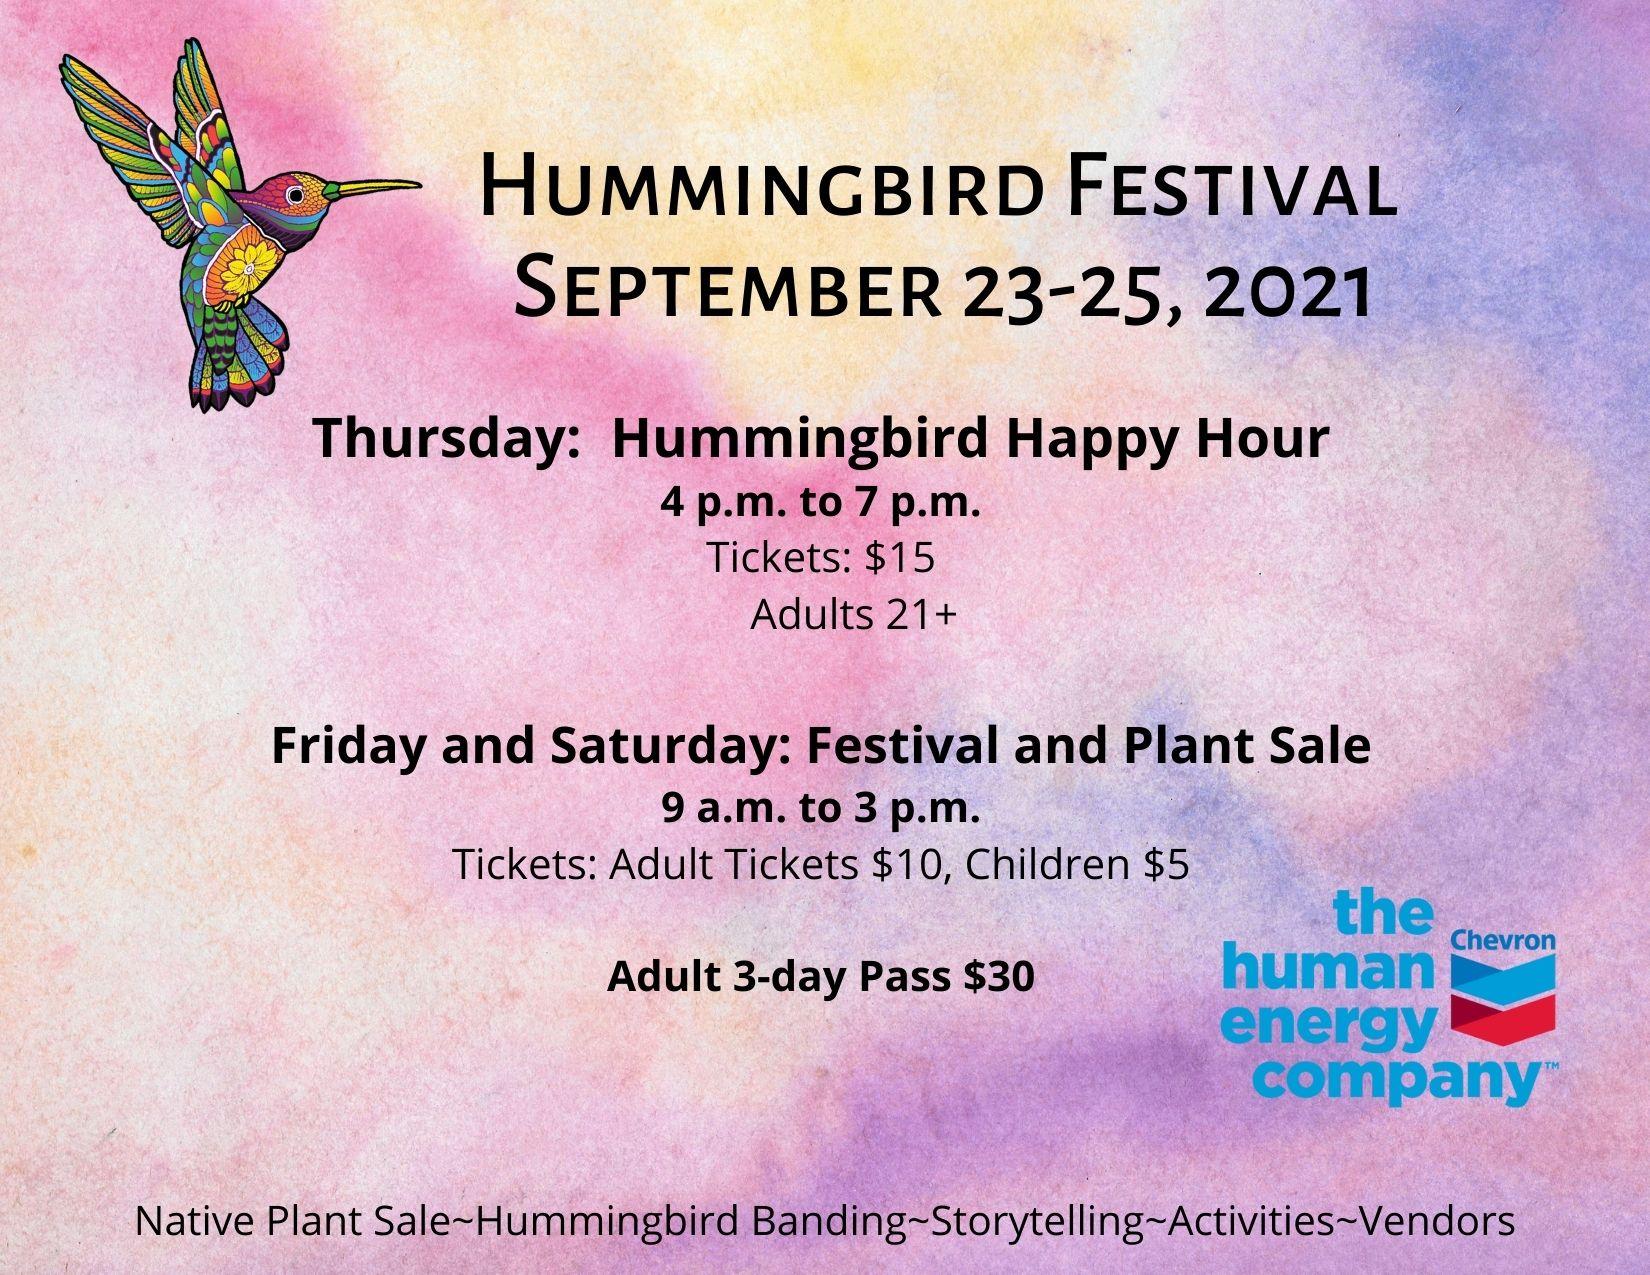 Hummingbird Migration Festival